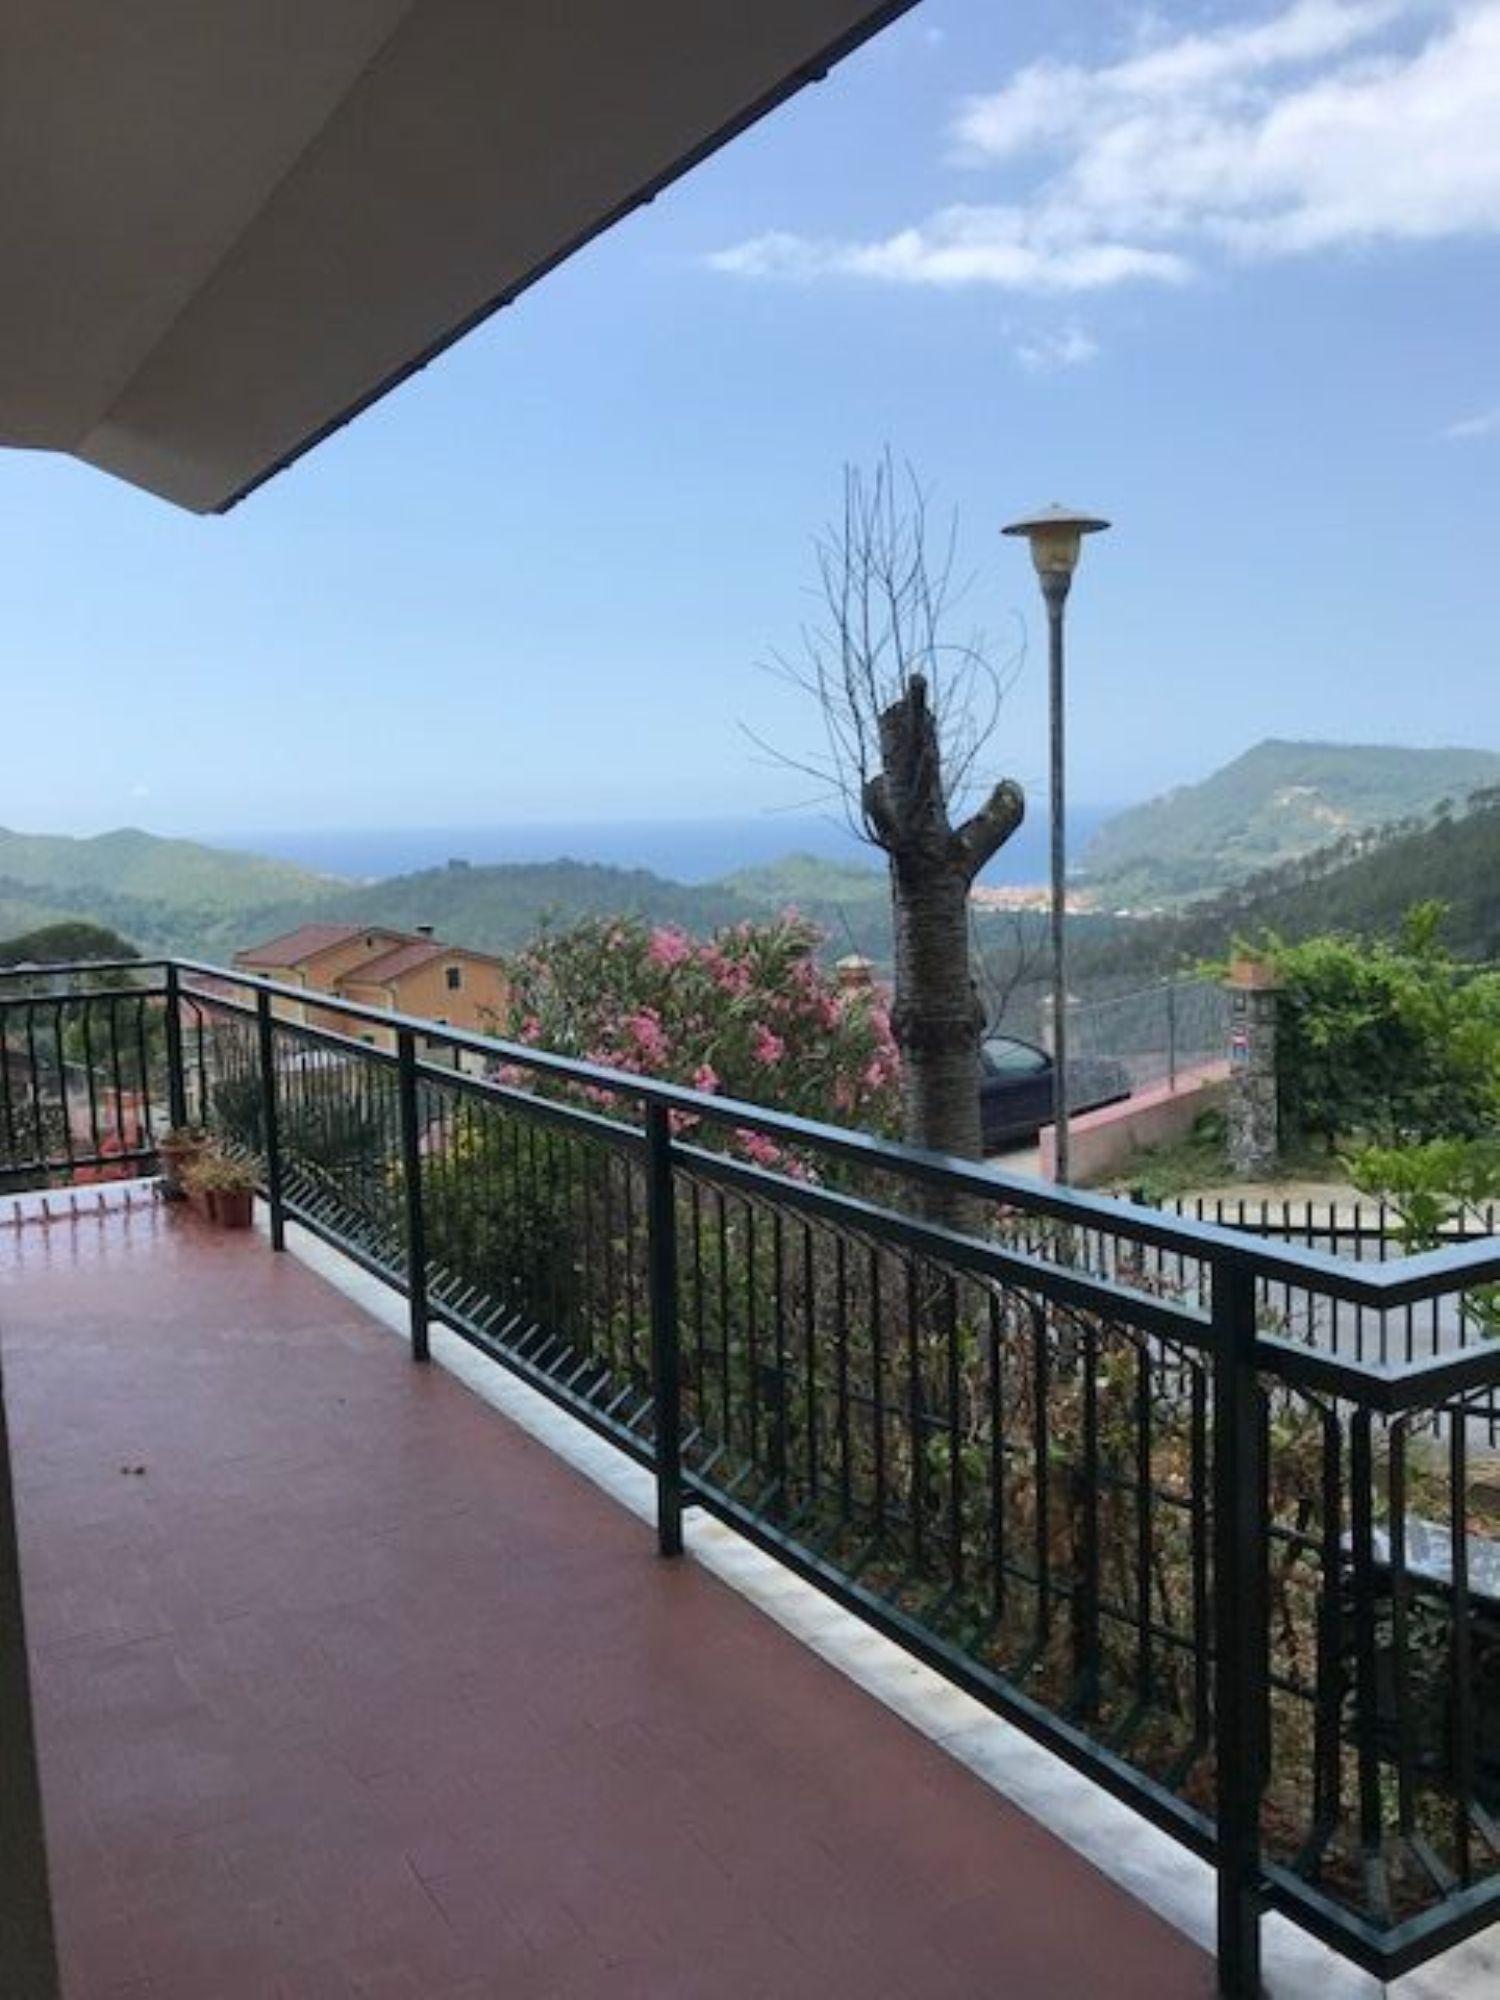 Villa Bifamiliare in affitto a Casarza Ligure, 5 locali, prezzo € 700 | CambioCasa.it